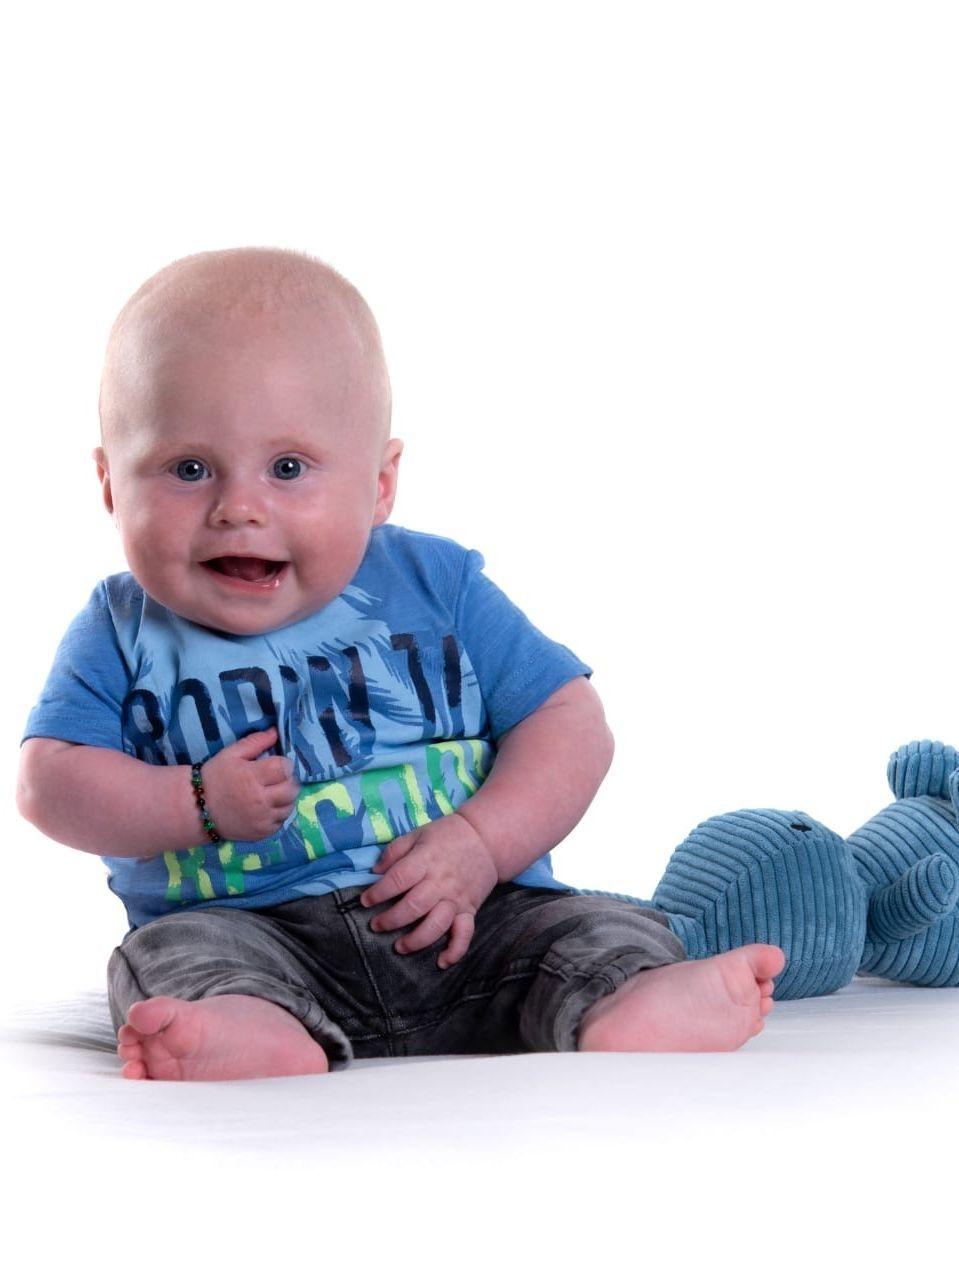 van wens naar baby, wensouder, kinderwens, baby